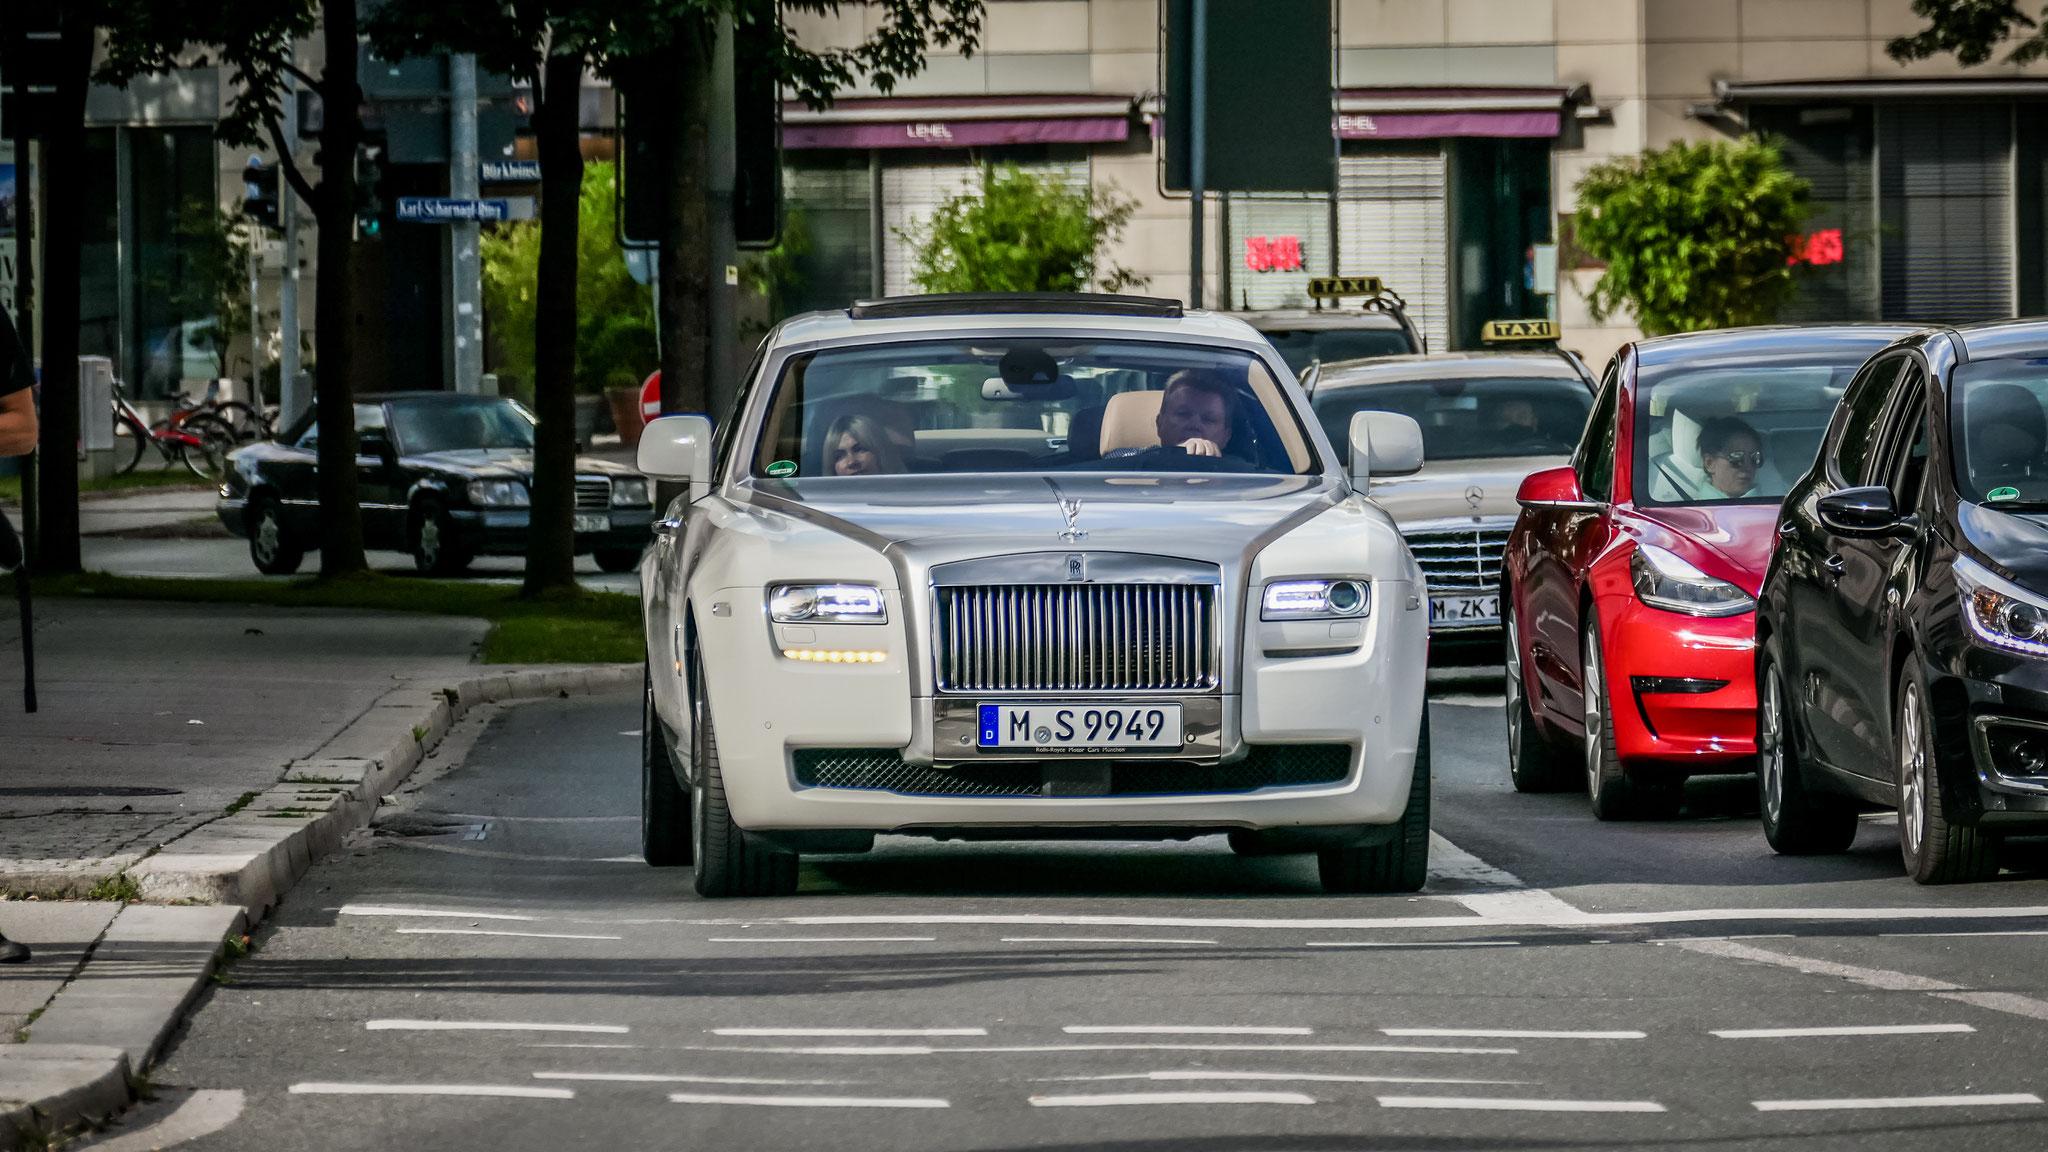 Rolls Royce Ghost - M-S-9949